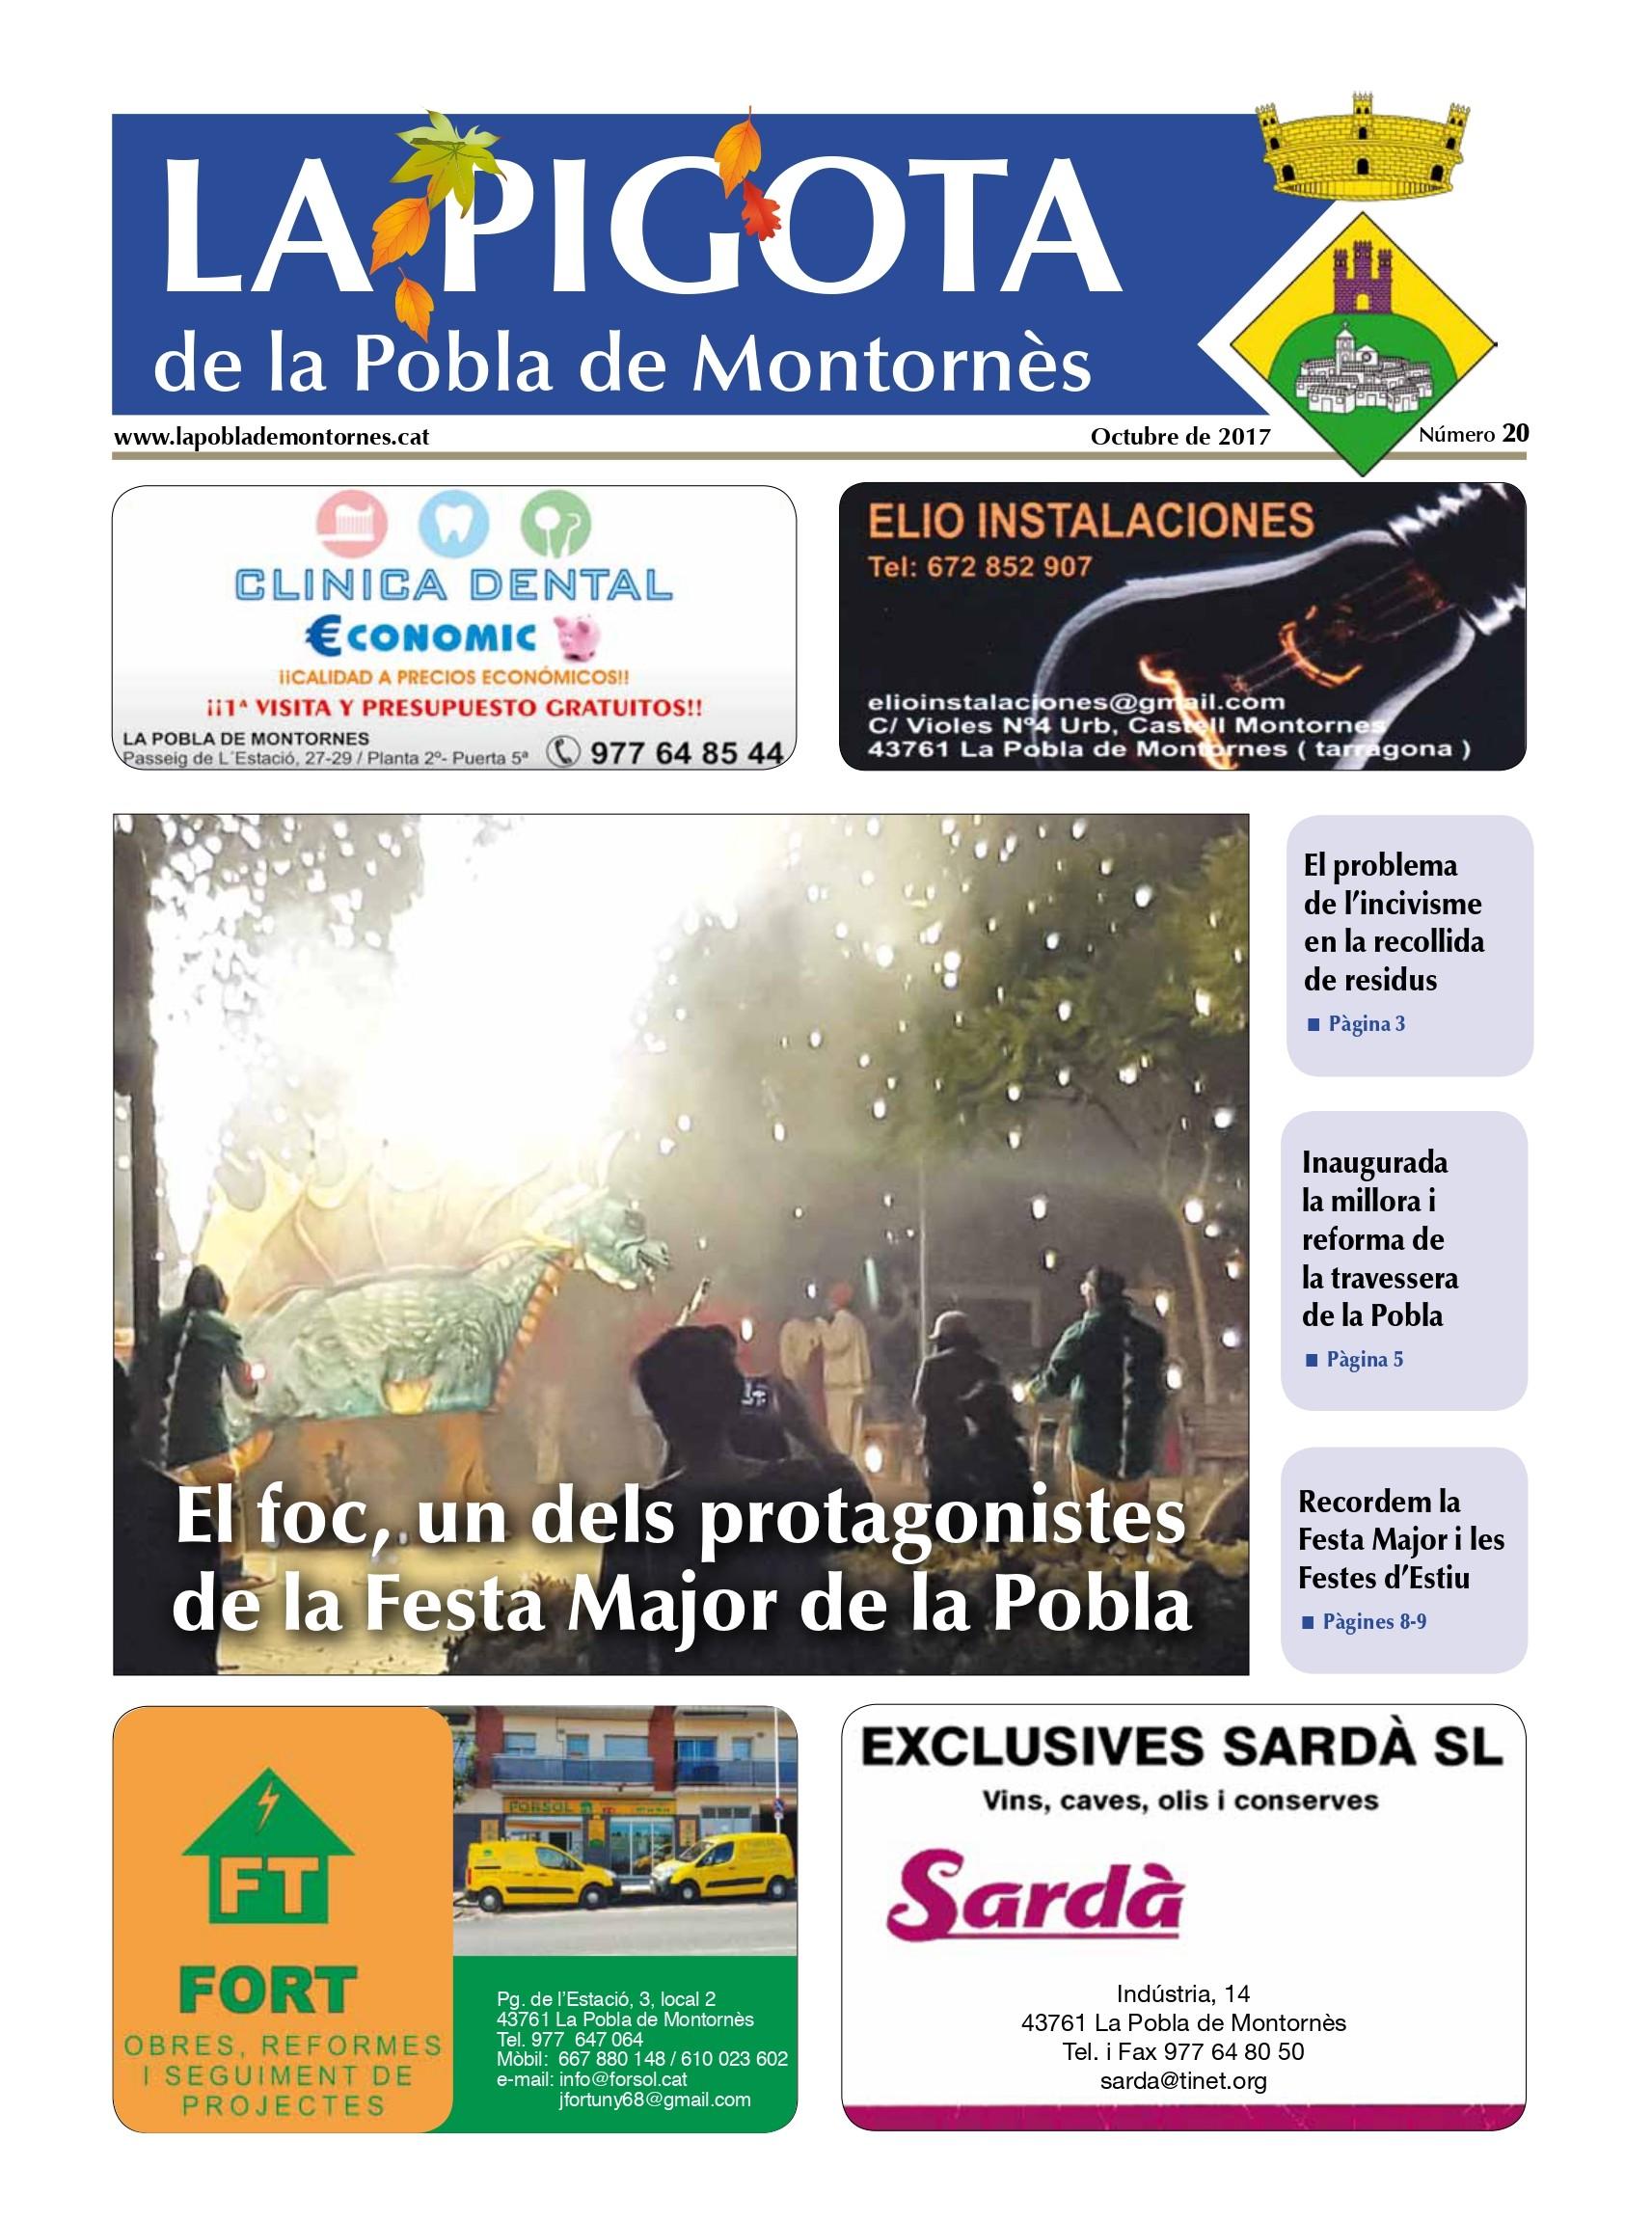 Revista La Pigota núm. 20 (Octubre 2017)